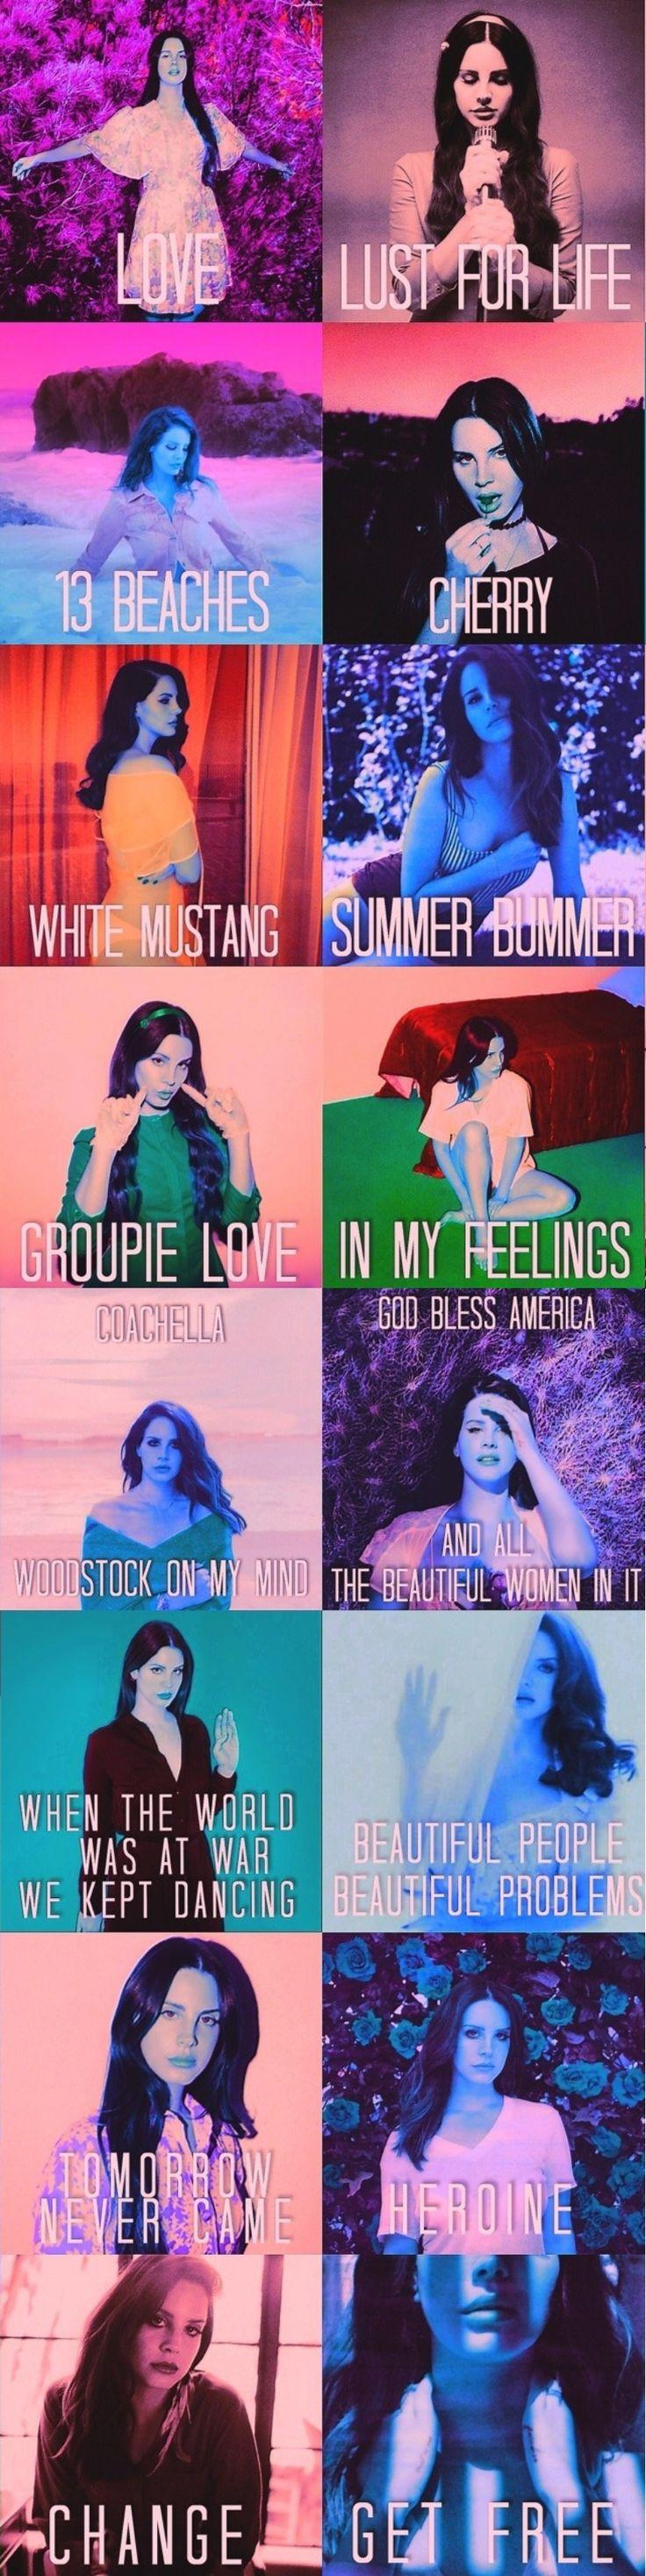 Lana Del Rey + Neil Krug + songs from Lust For Life #LDR